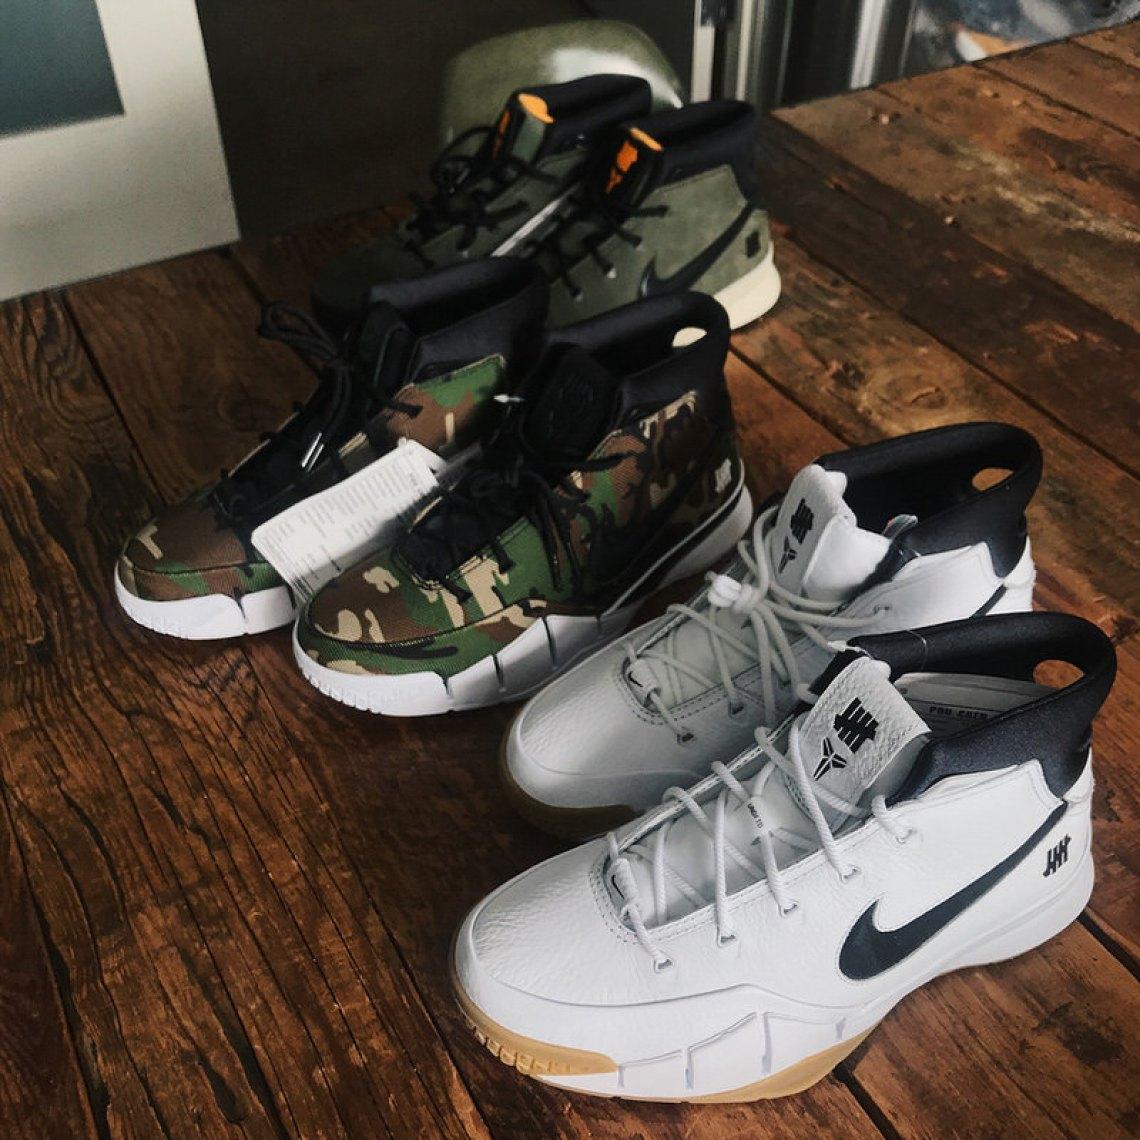 Undefeated x Nike Zoom Kobe 1 Protro